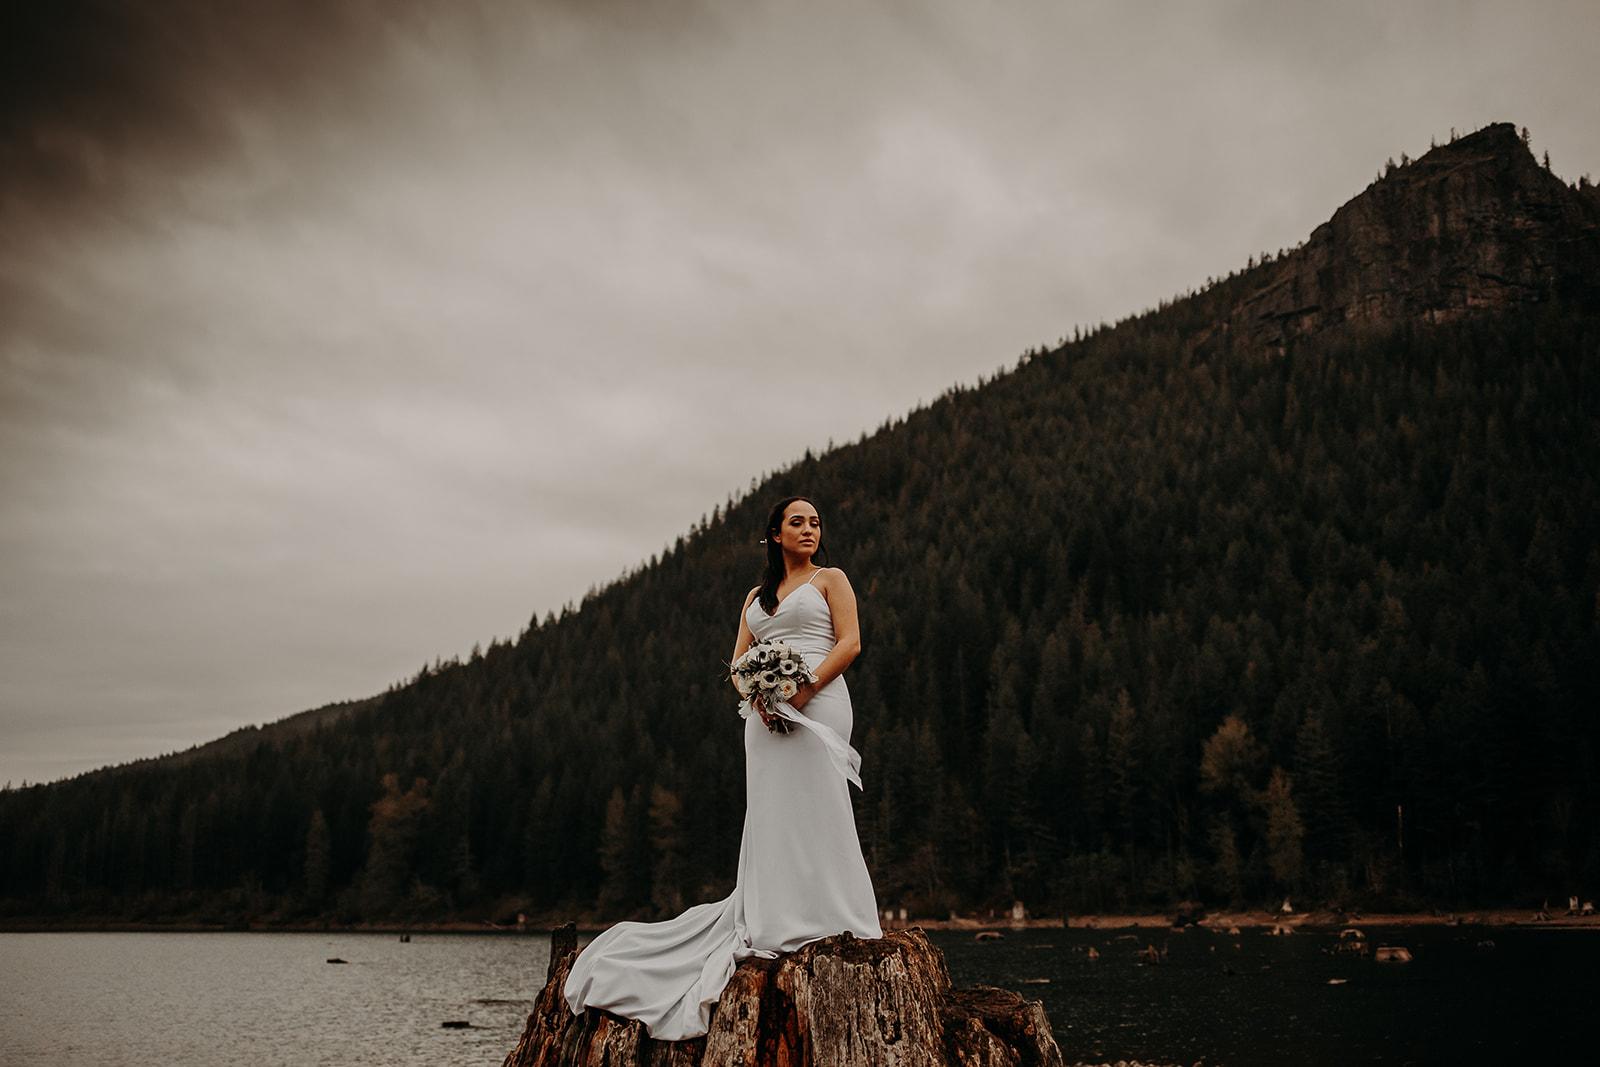 winter-mountain-elopement-asheville-wedding-photographer-megan-gallagher-photographer (82).jpg